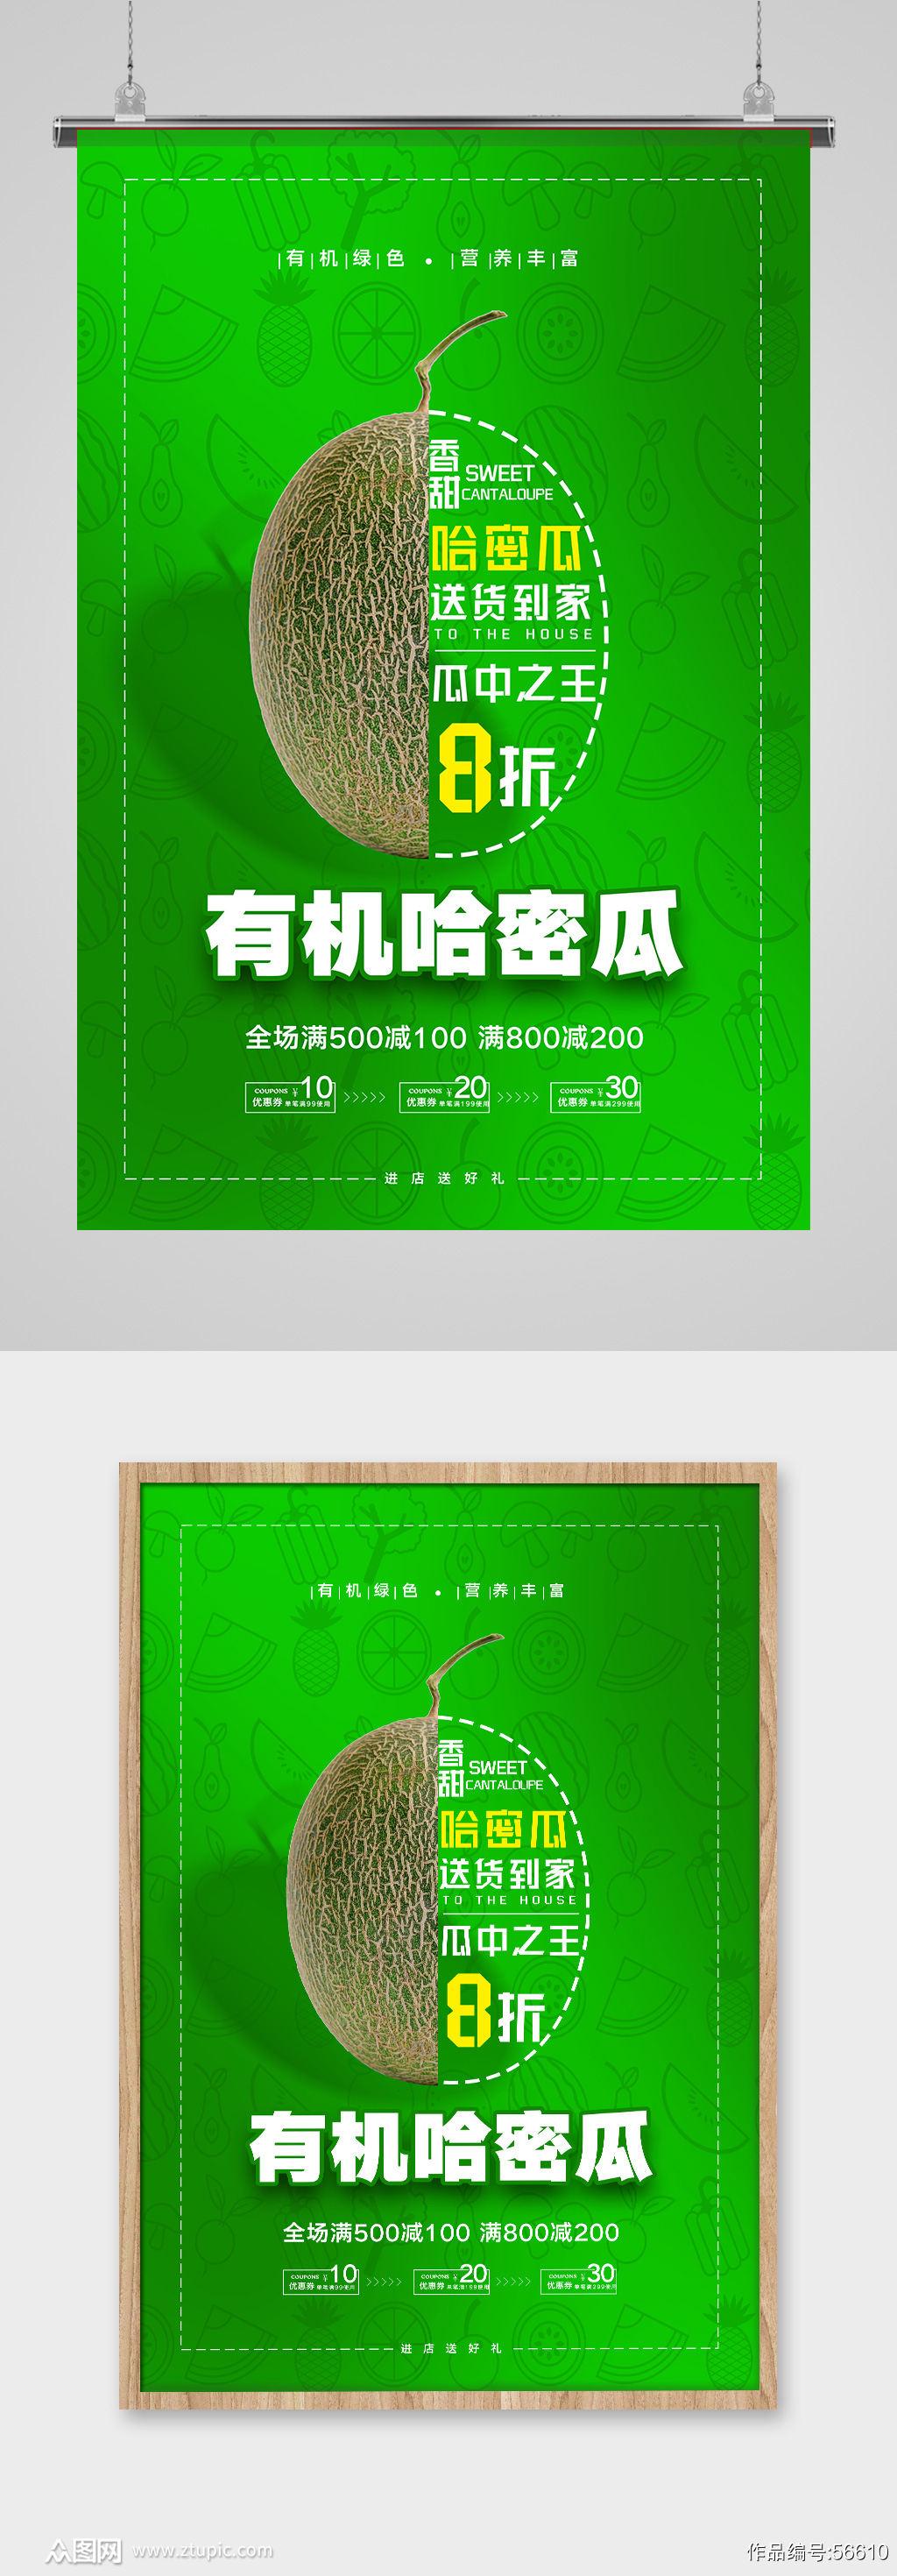 绿色有机哈密瓜海报素材